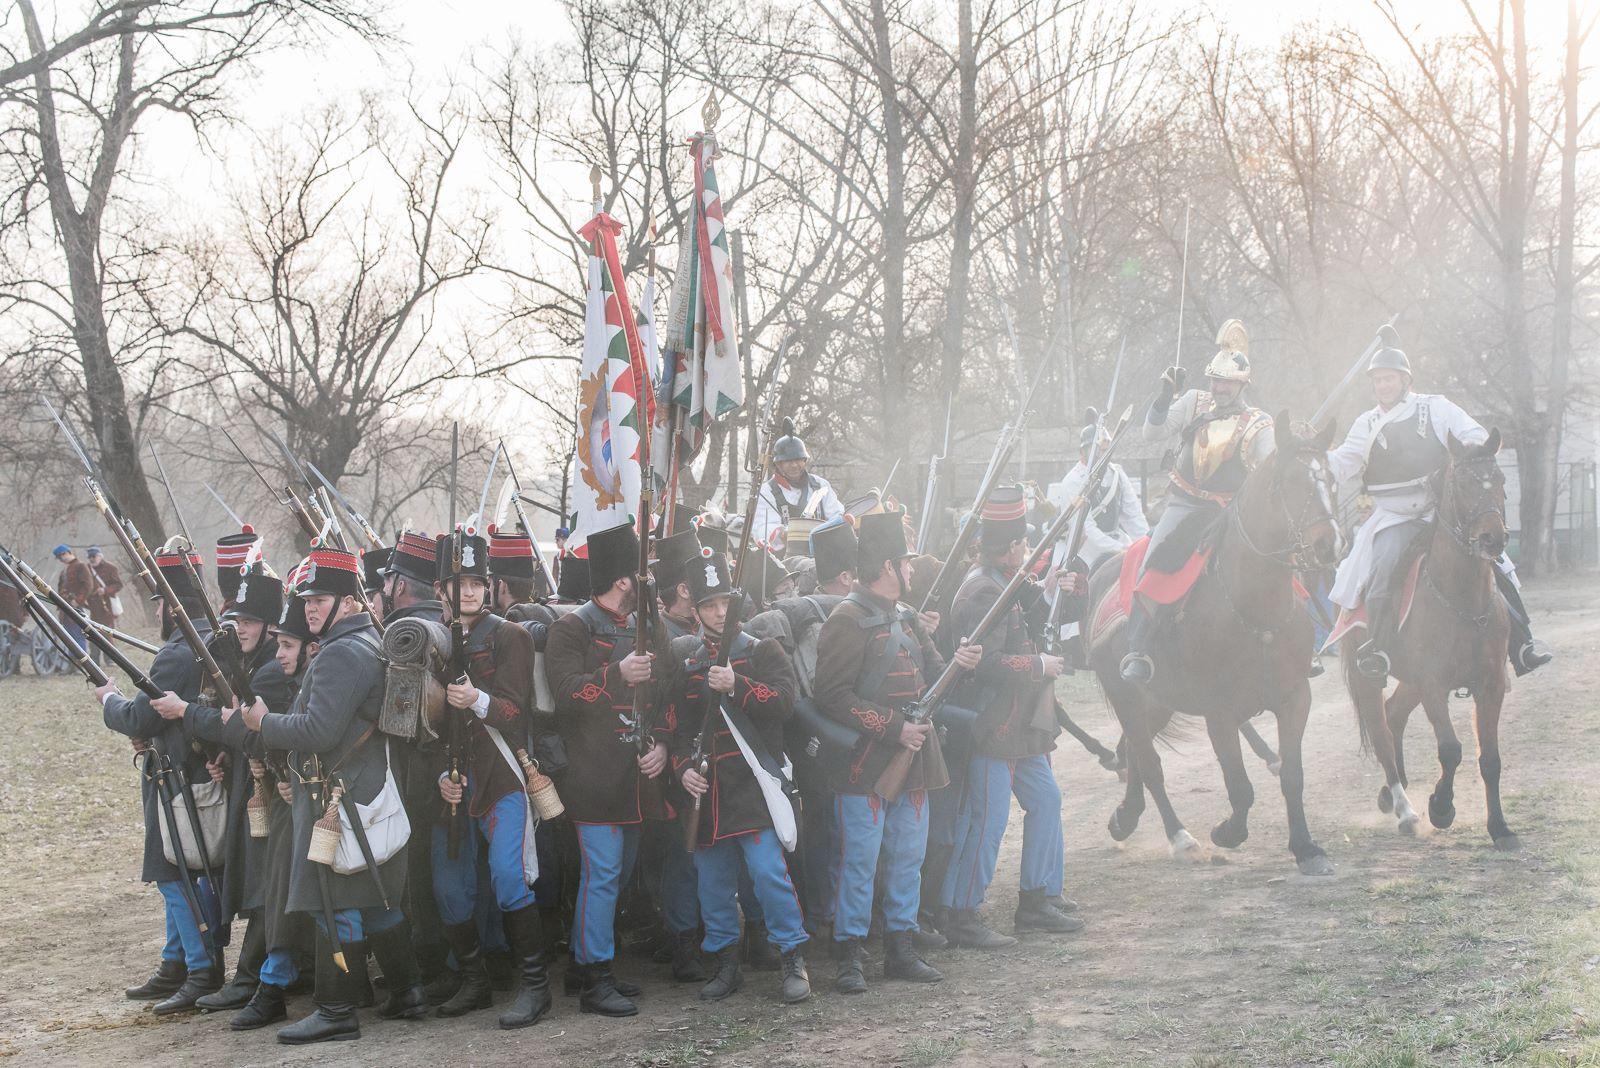 Szolnoki csata 2019 - Pető István fotója